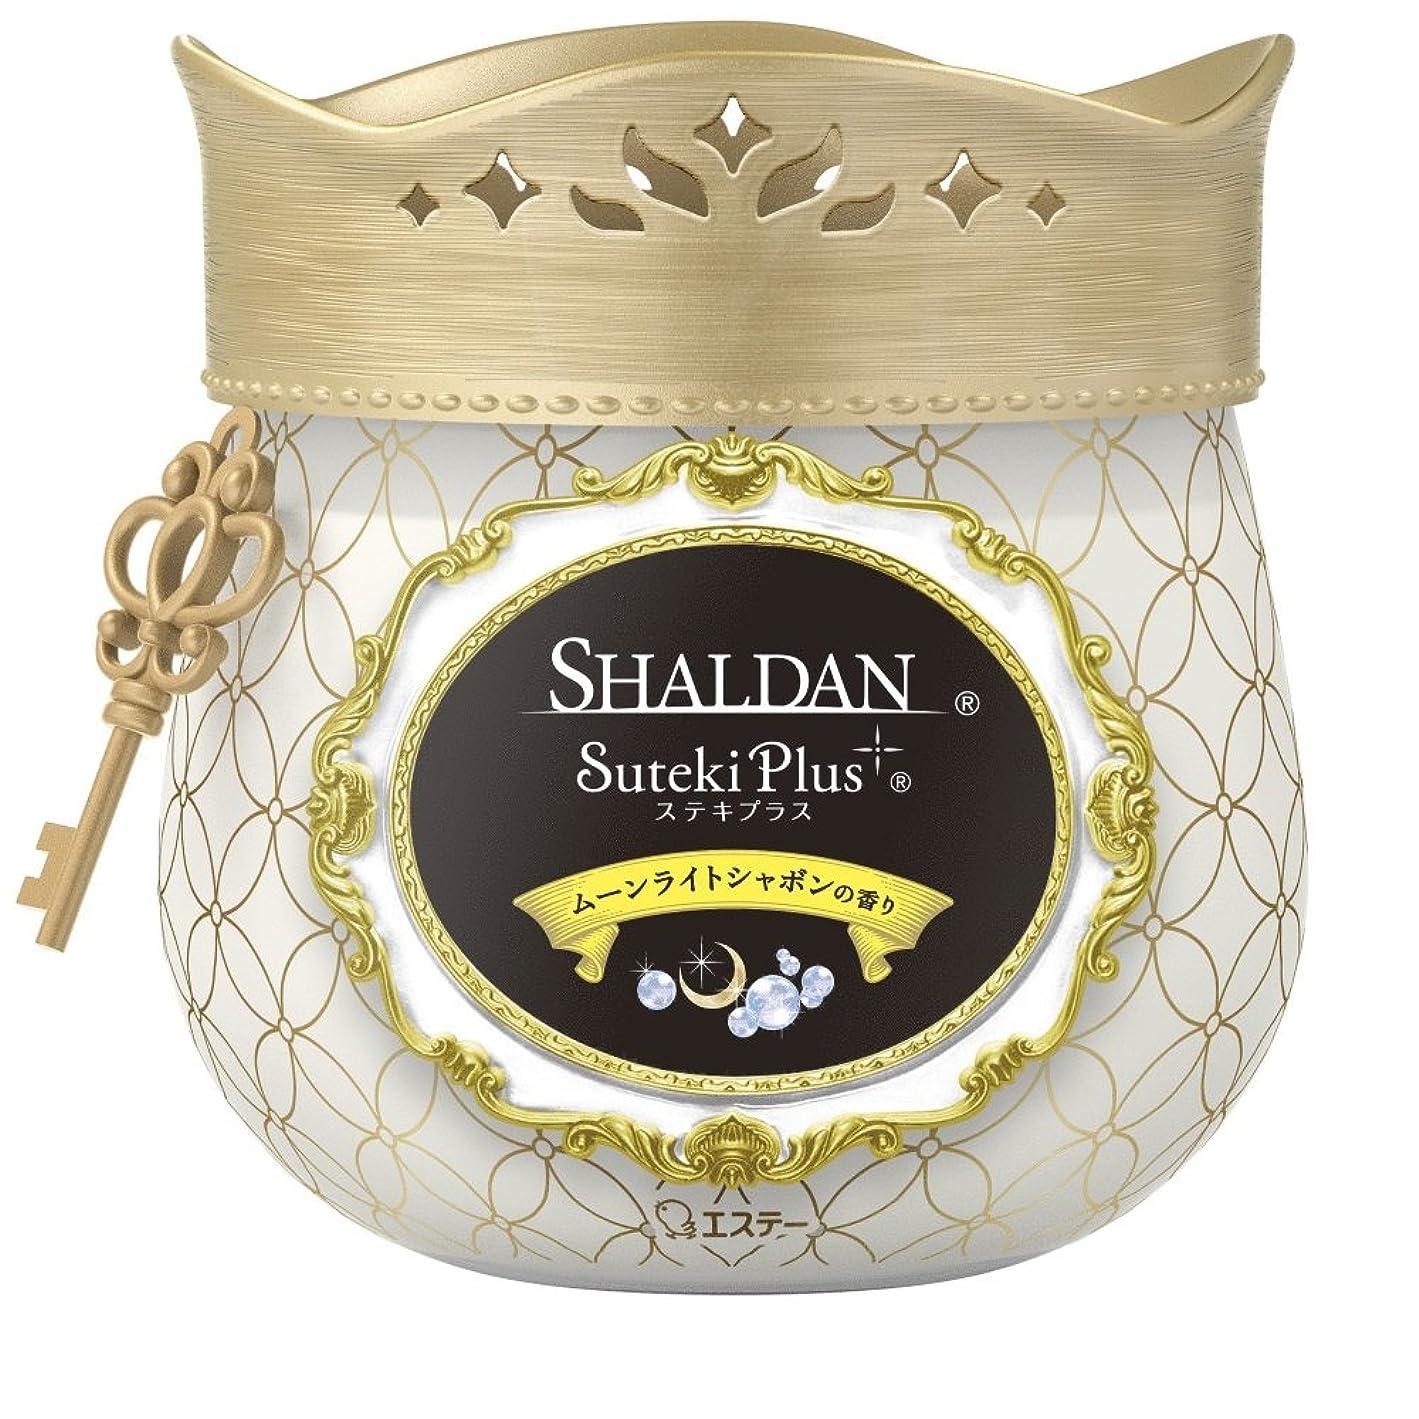 応答野菜命令シャルダン SHALDAN ステキプラス 消臭芳香剤 部屋用 部屋 玄関 ムーンライトシャボンの香り 260g